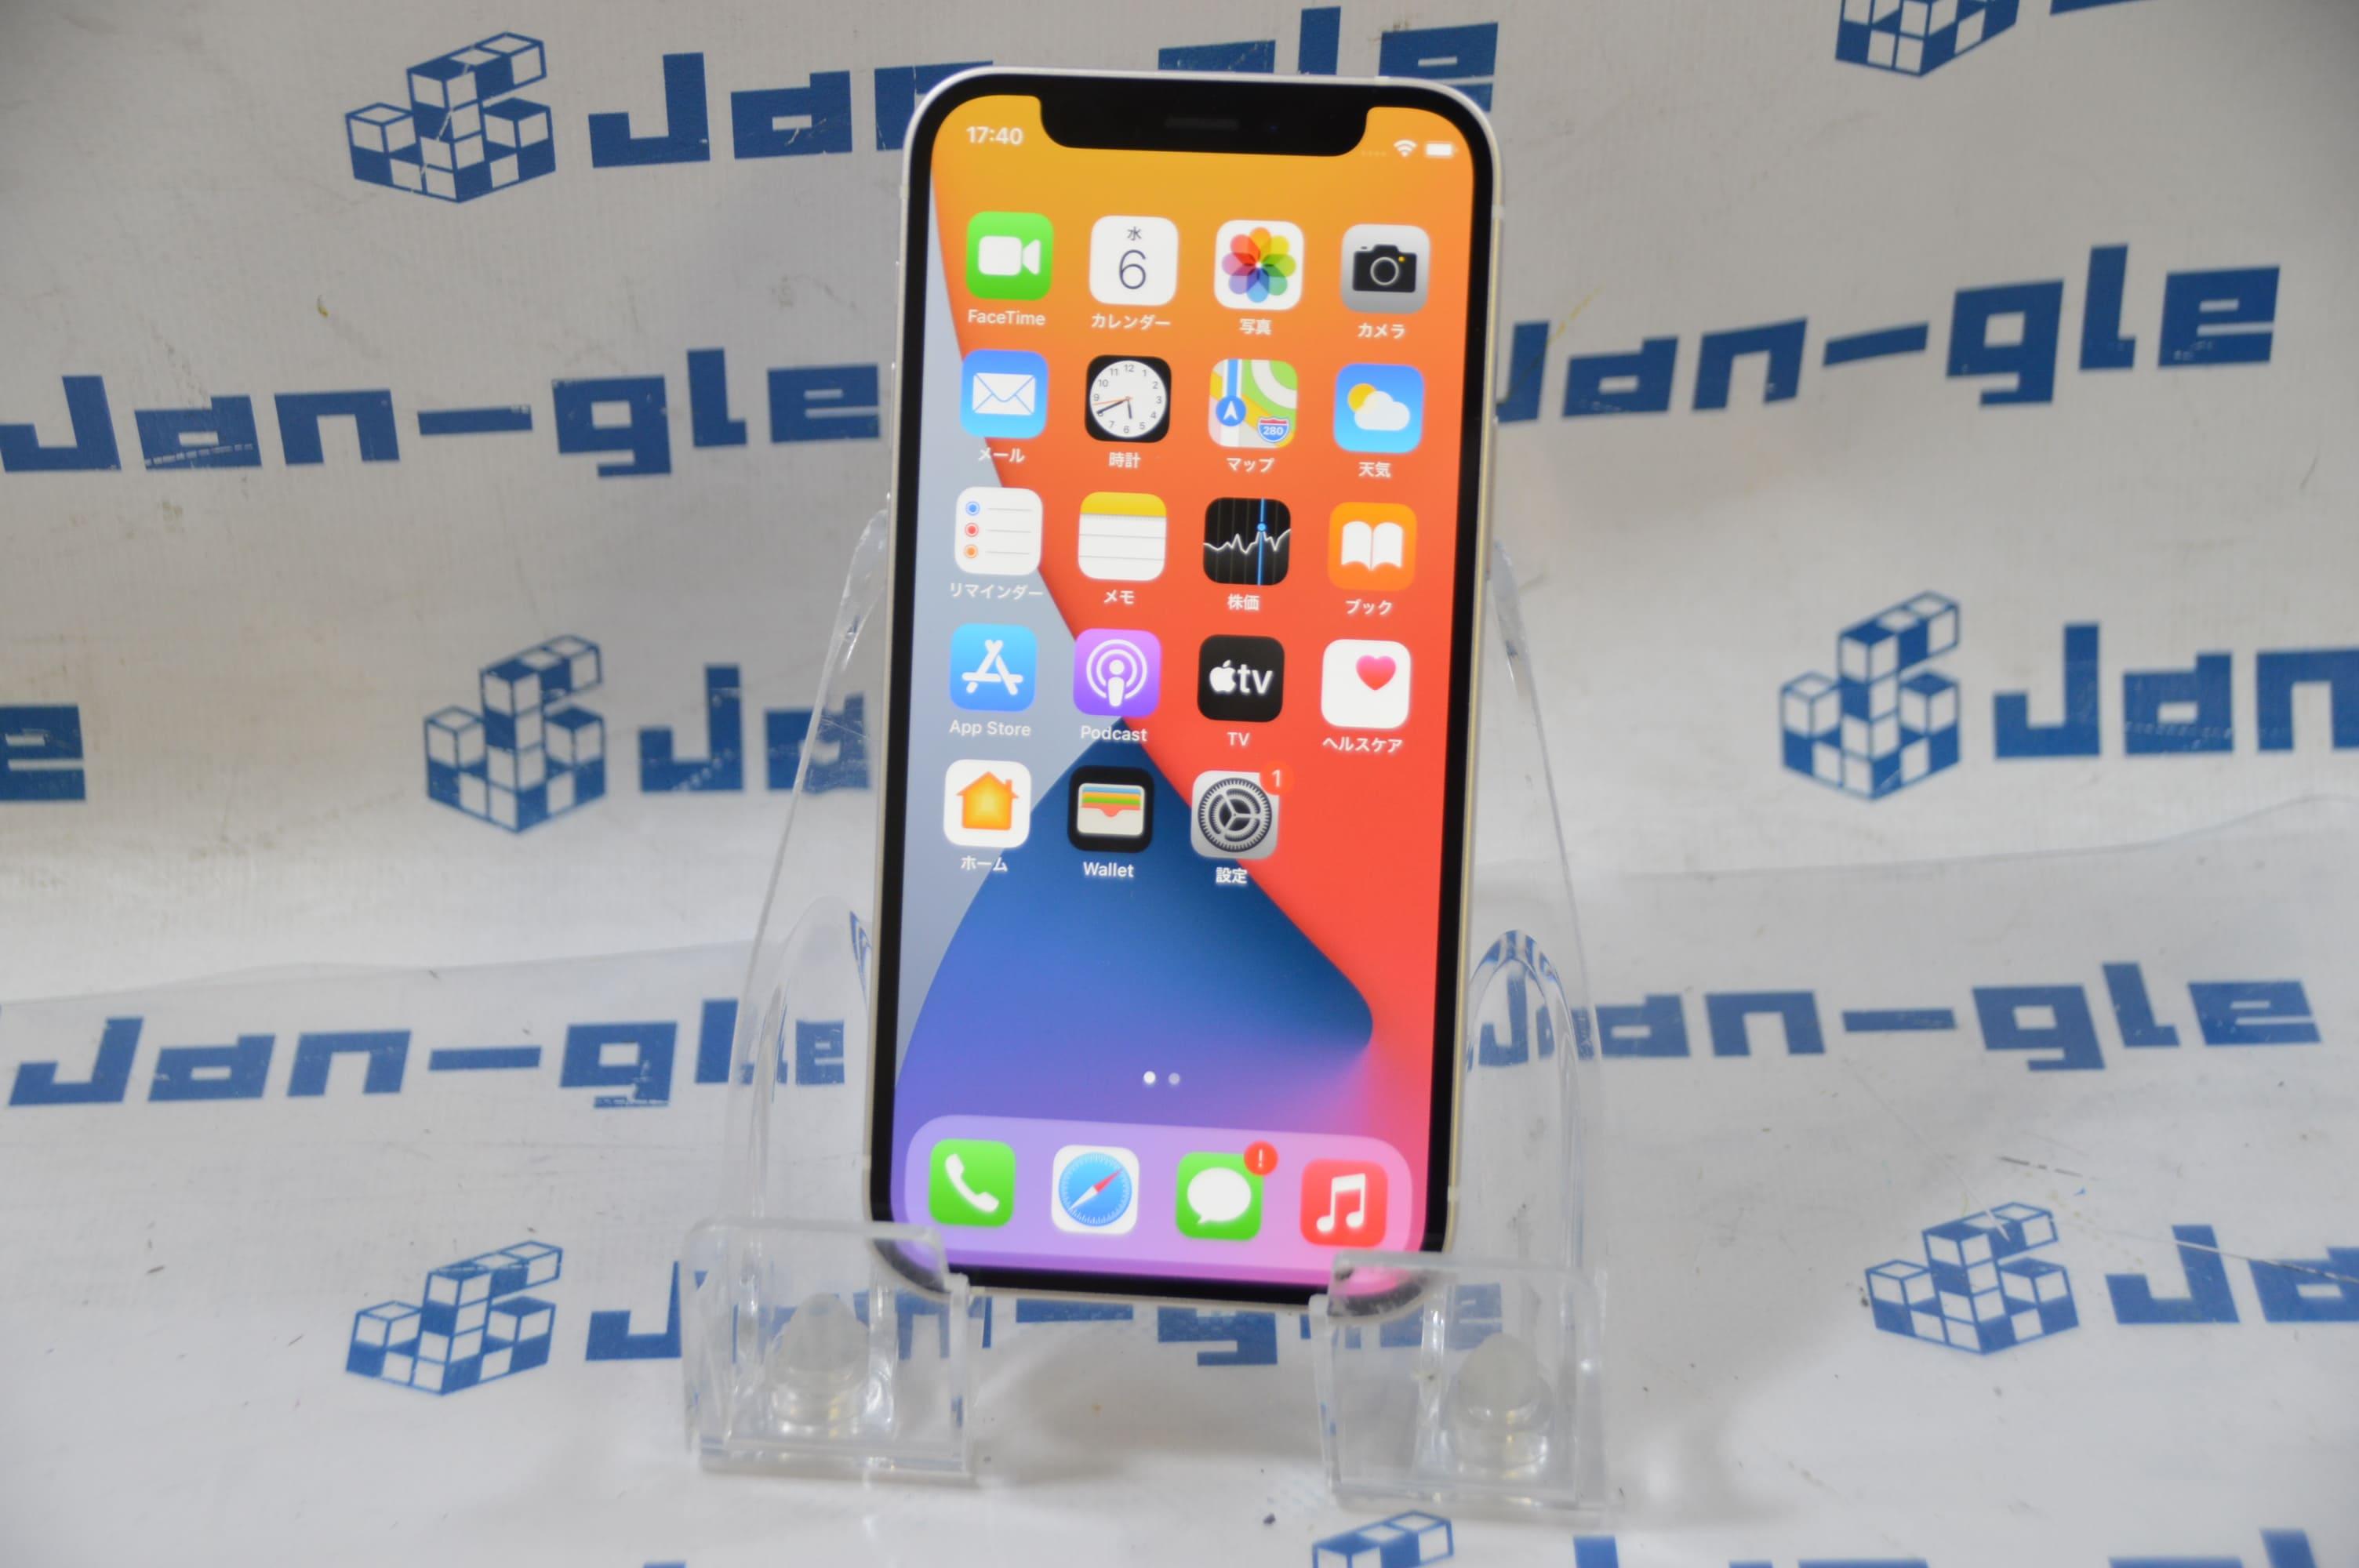 【緊急入荷!!】オンラインサポートオープン記念!! Apple iPhone12mini MGDT3J/A ウイルスバスター1年版ライセンス・インストールサポート付でこのお値段!! 数量限定出血大サービス!!